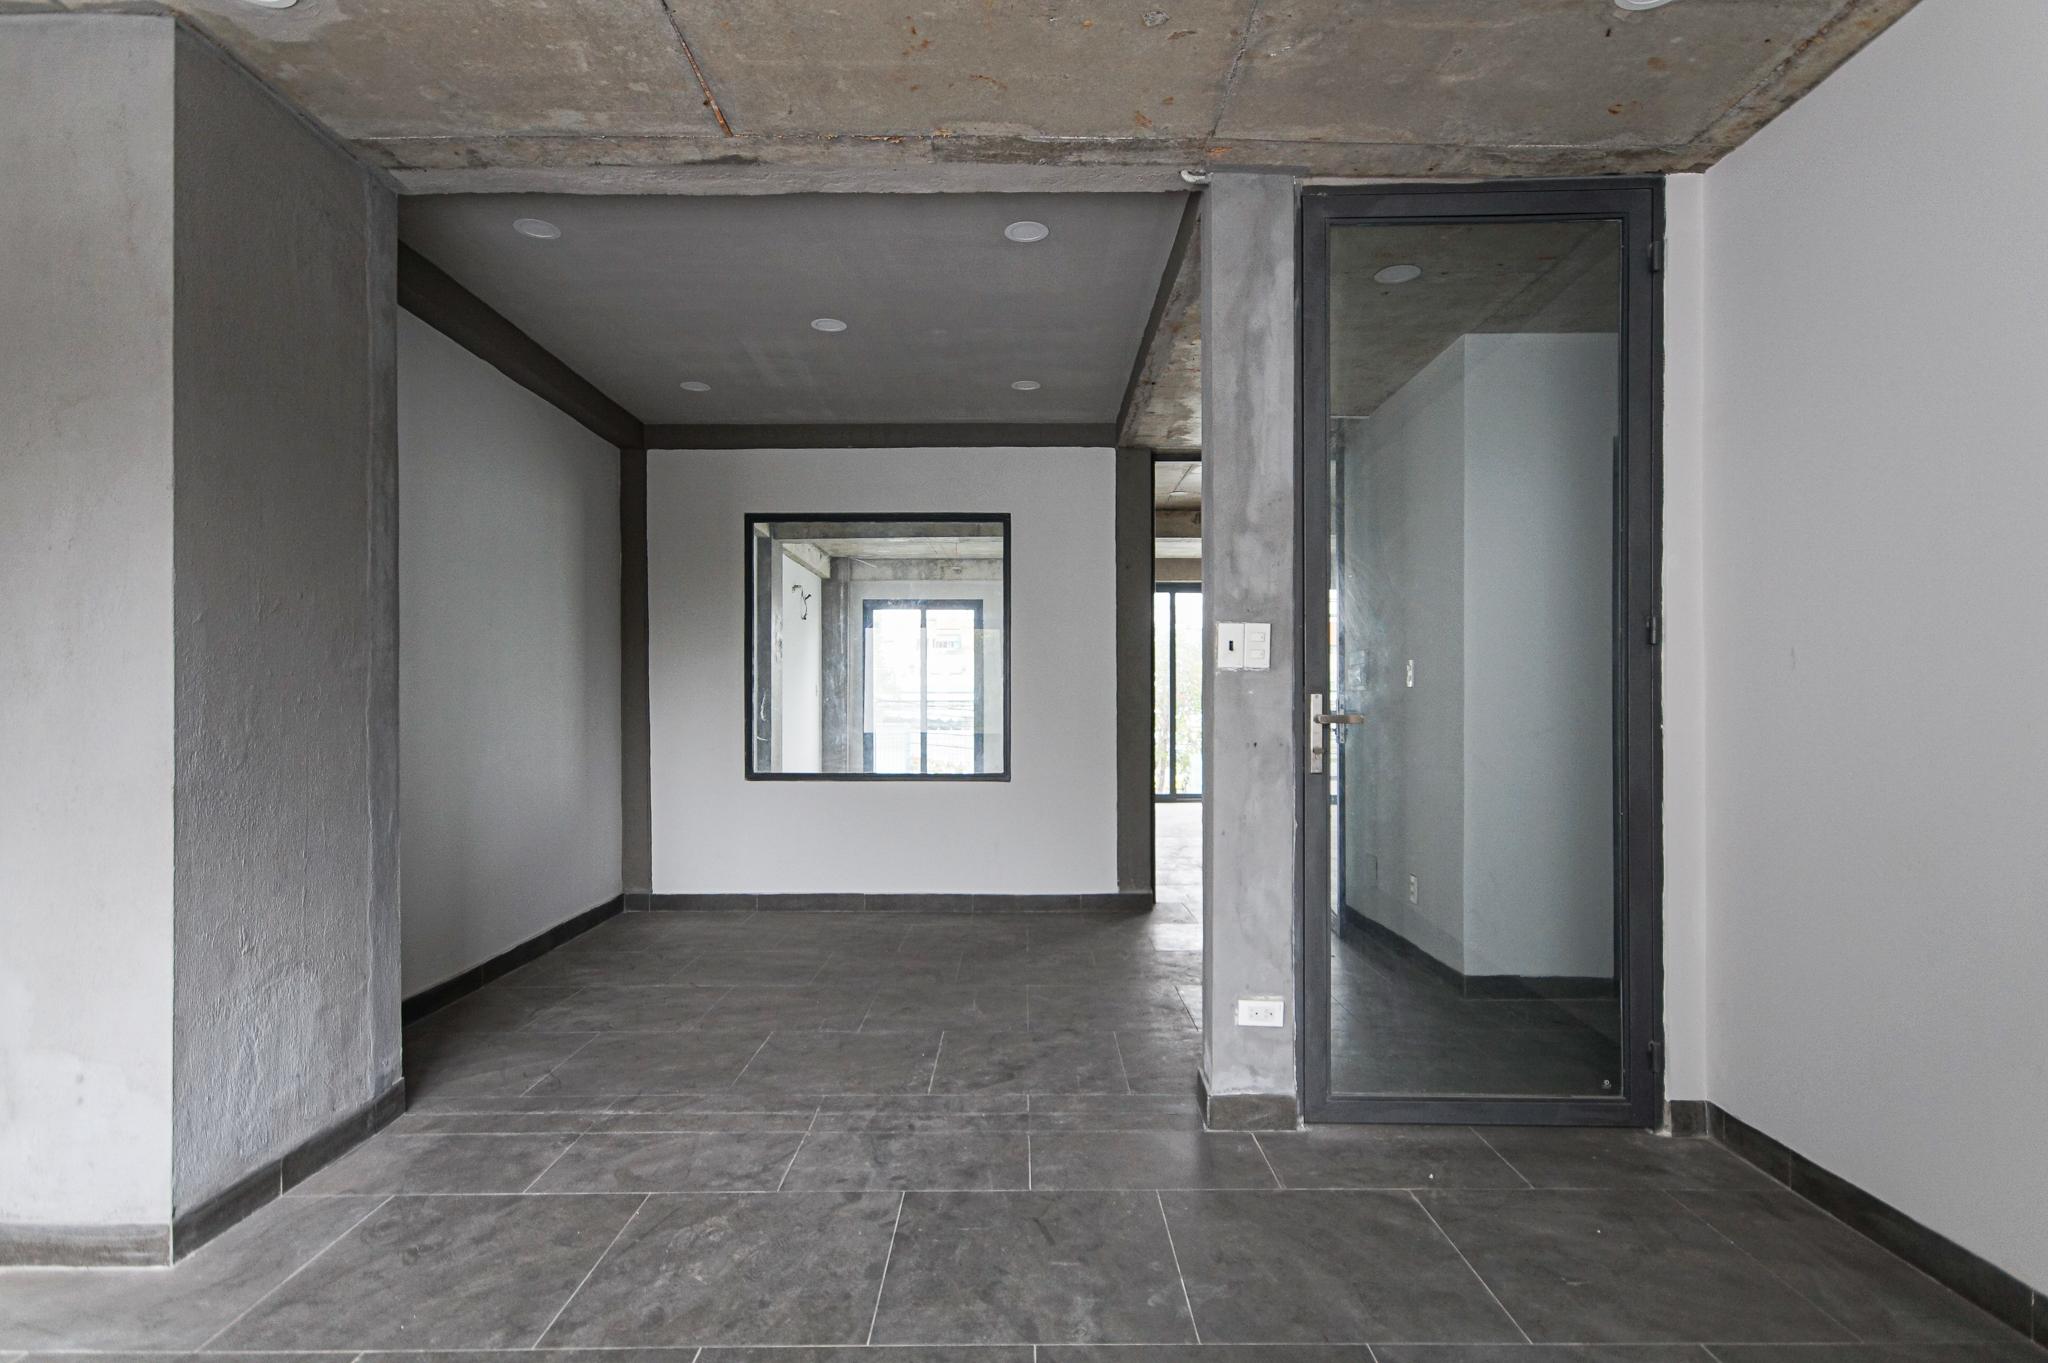 Cho Thuê Văn Phòng Le Van Luong Office Building - Đầy Đủ Nội Thất & Tươi Sáng-0